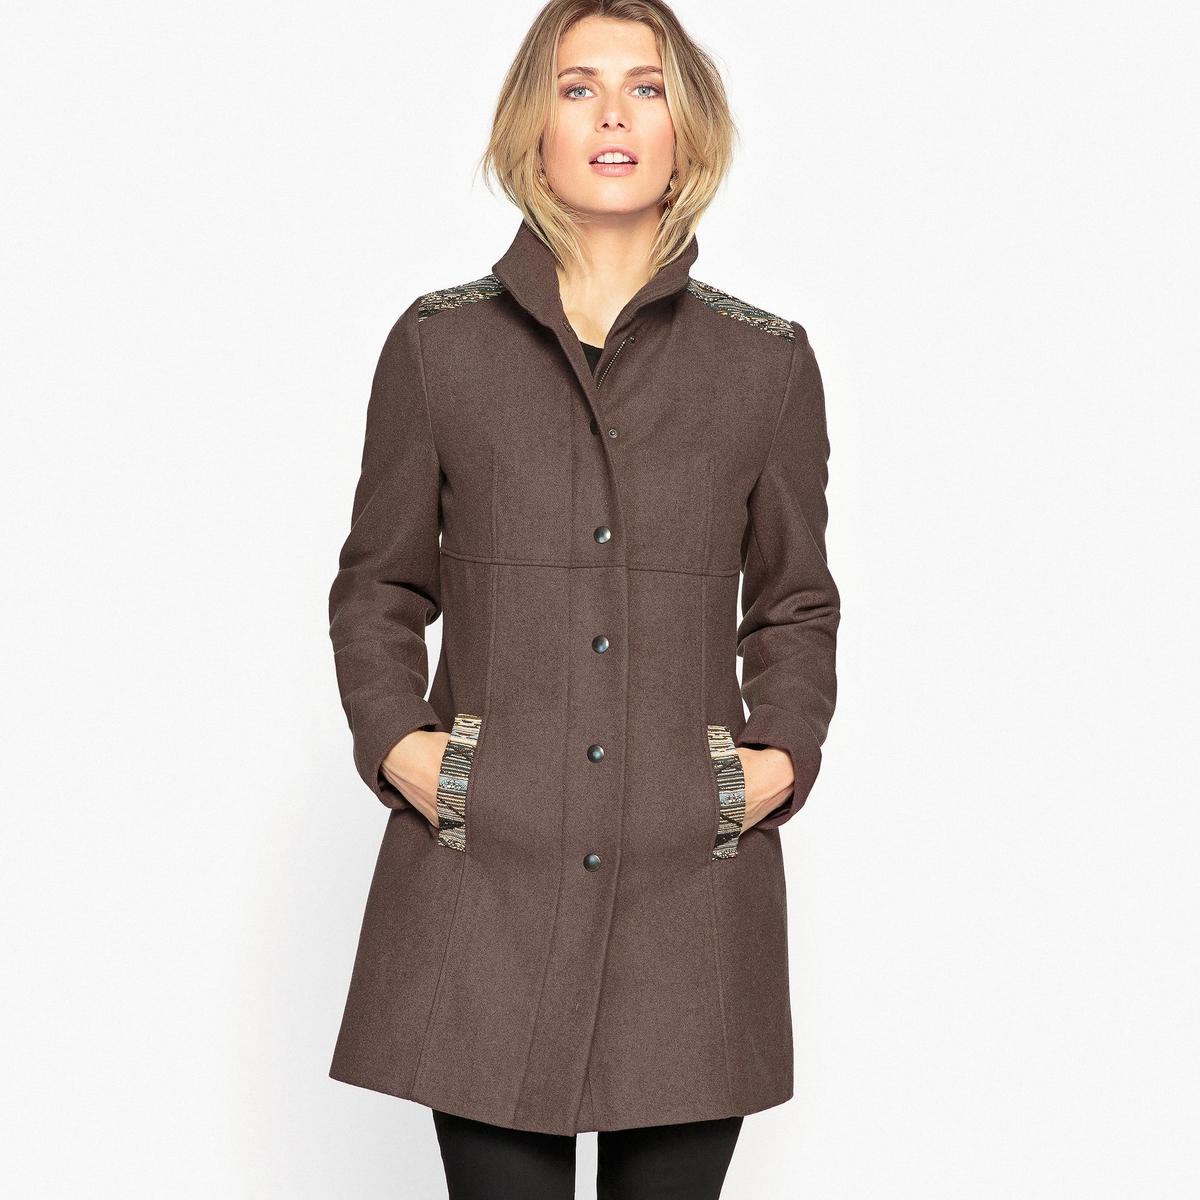 Пальто из шерстяного драпа пальто с эффектом шерстяного драпа